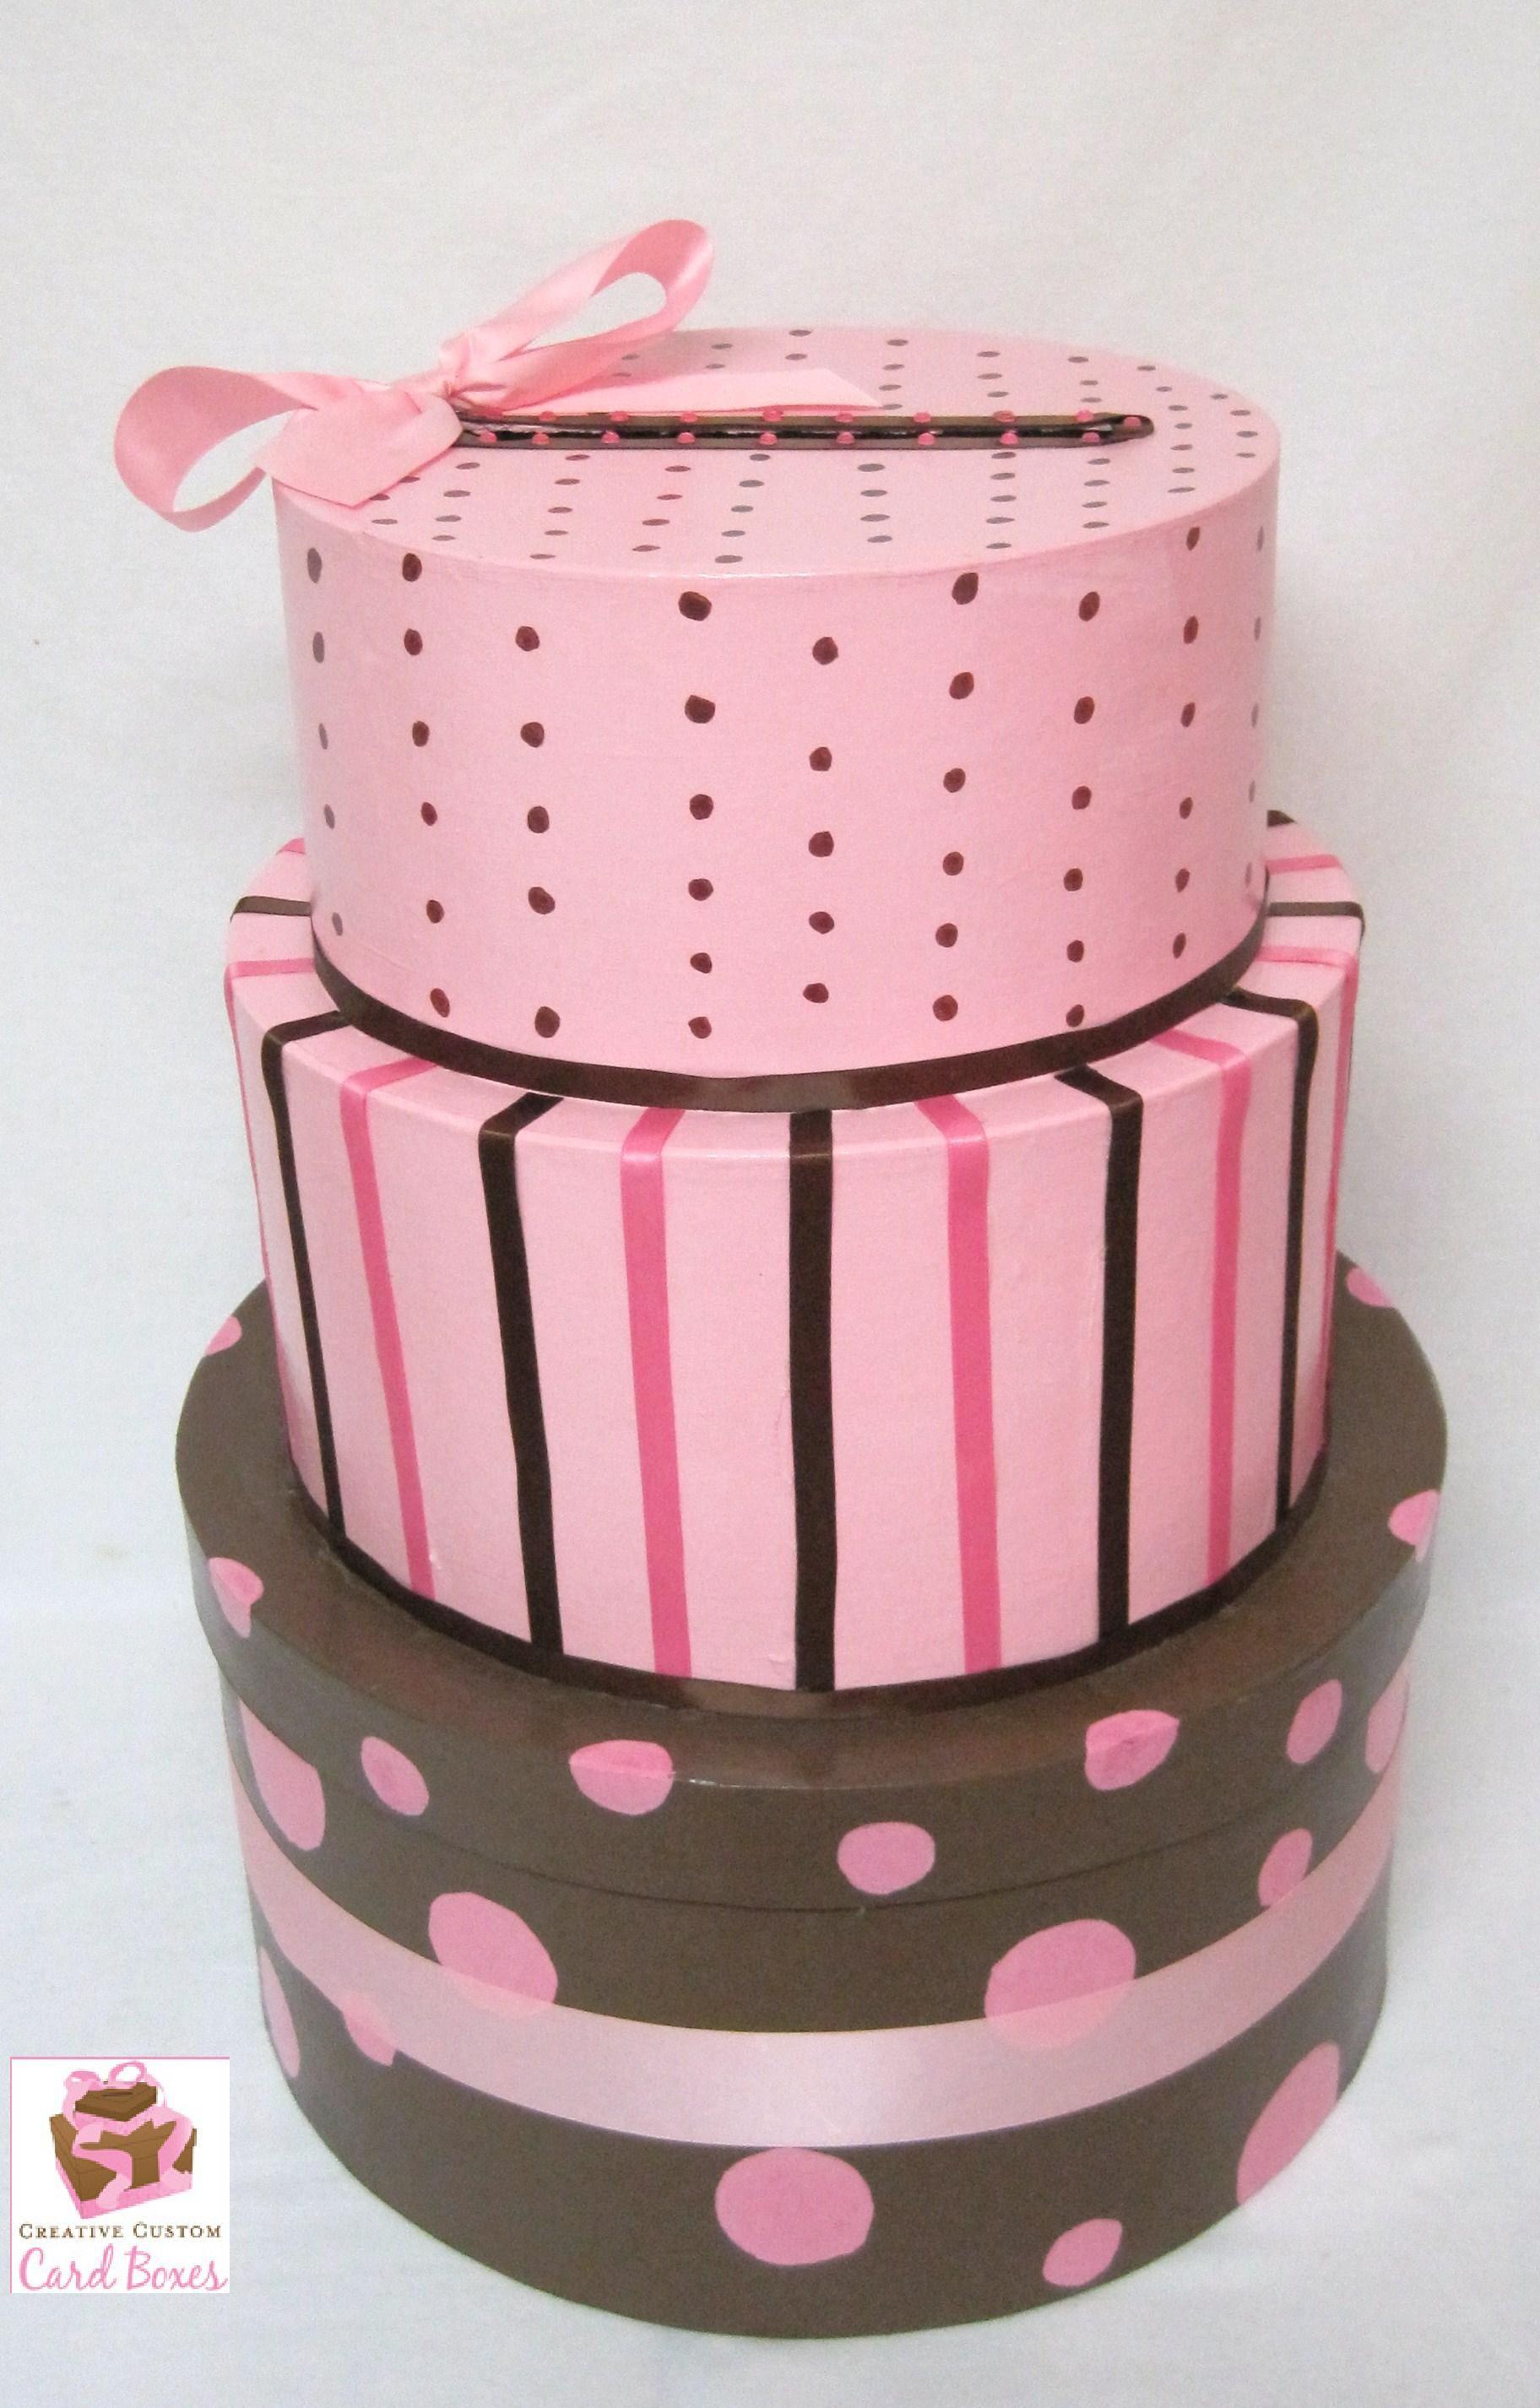 3 tier cake replica card box